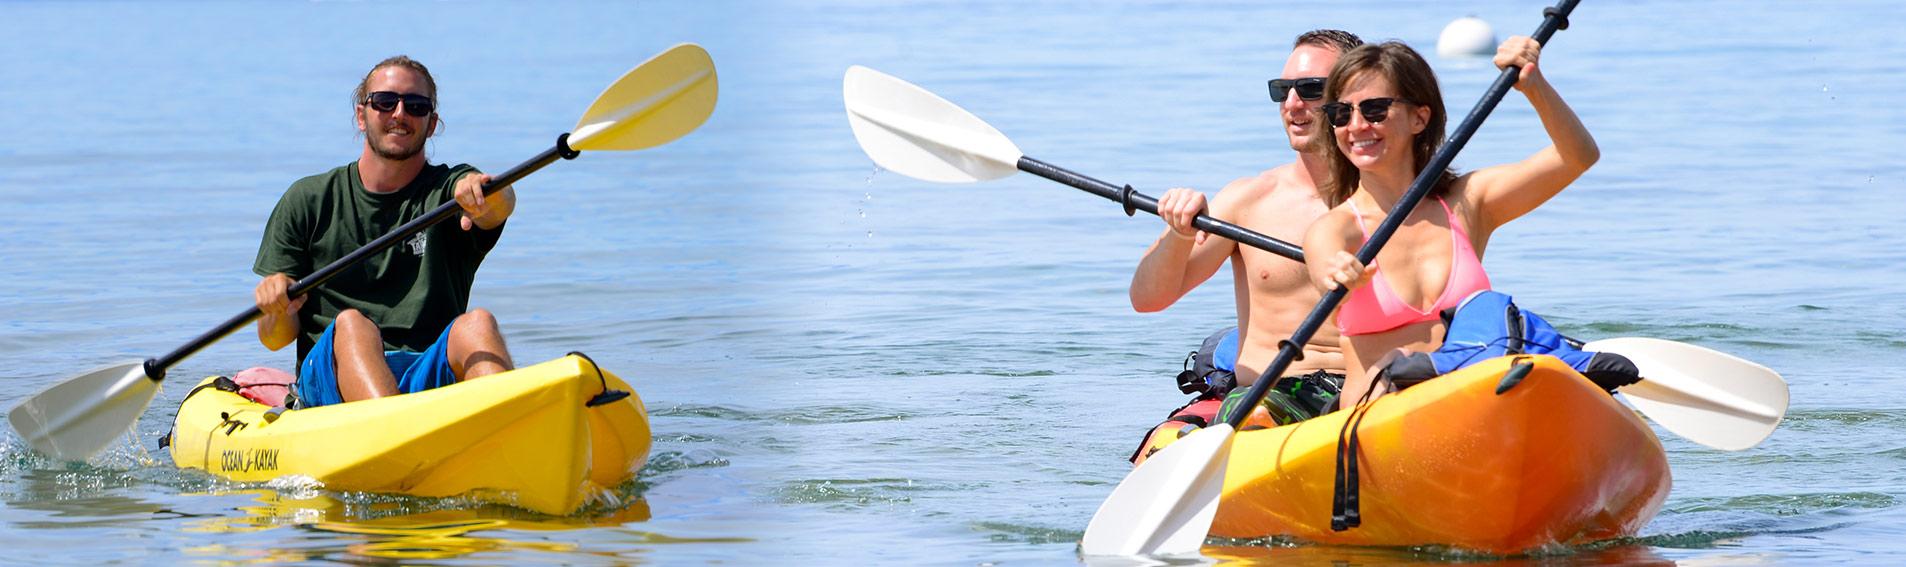 Kayak Rentals & Tours